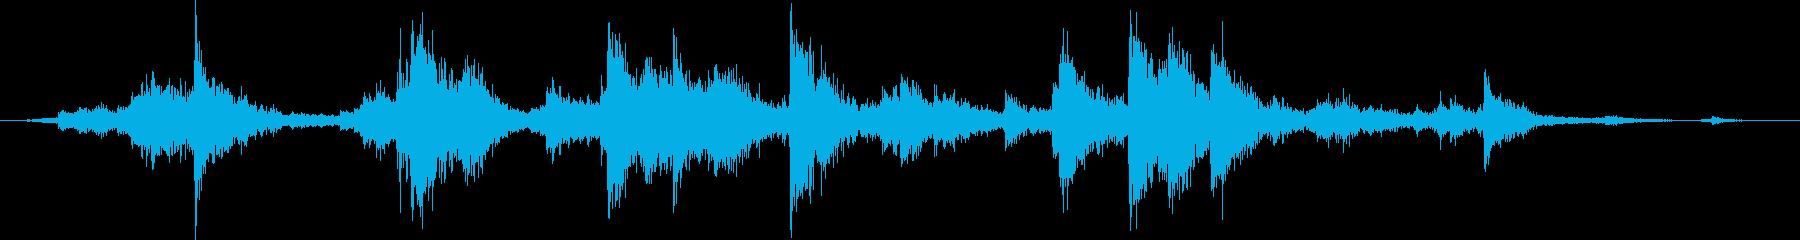 メタル クラッシュミディアム03の再生済みの波形